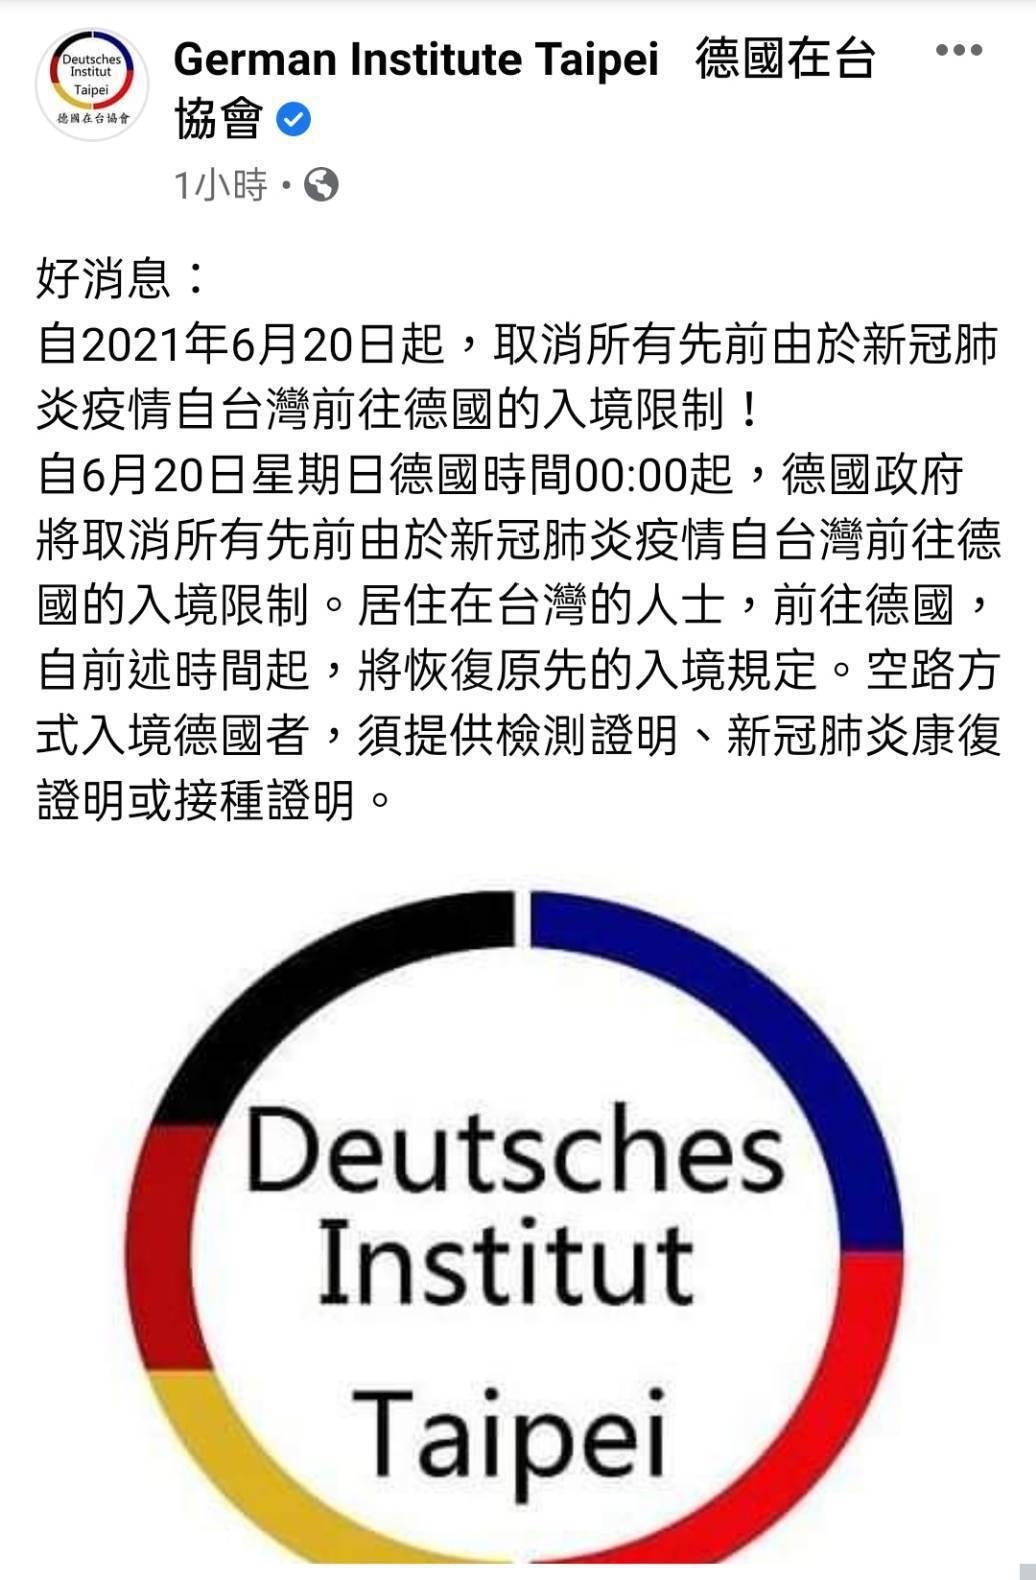 德國在台協會今天表示,從6月20日起,德國將取消所有先前因為新冠肺炎疫情自台灣前...